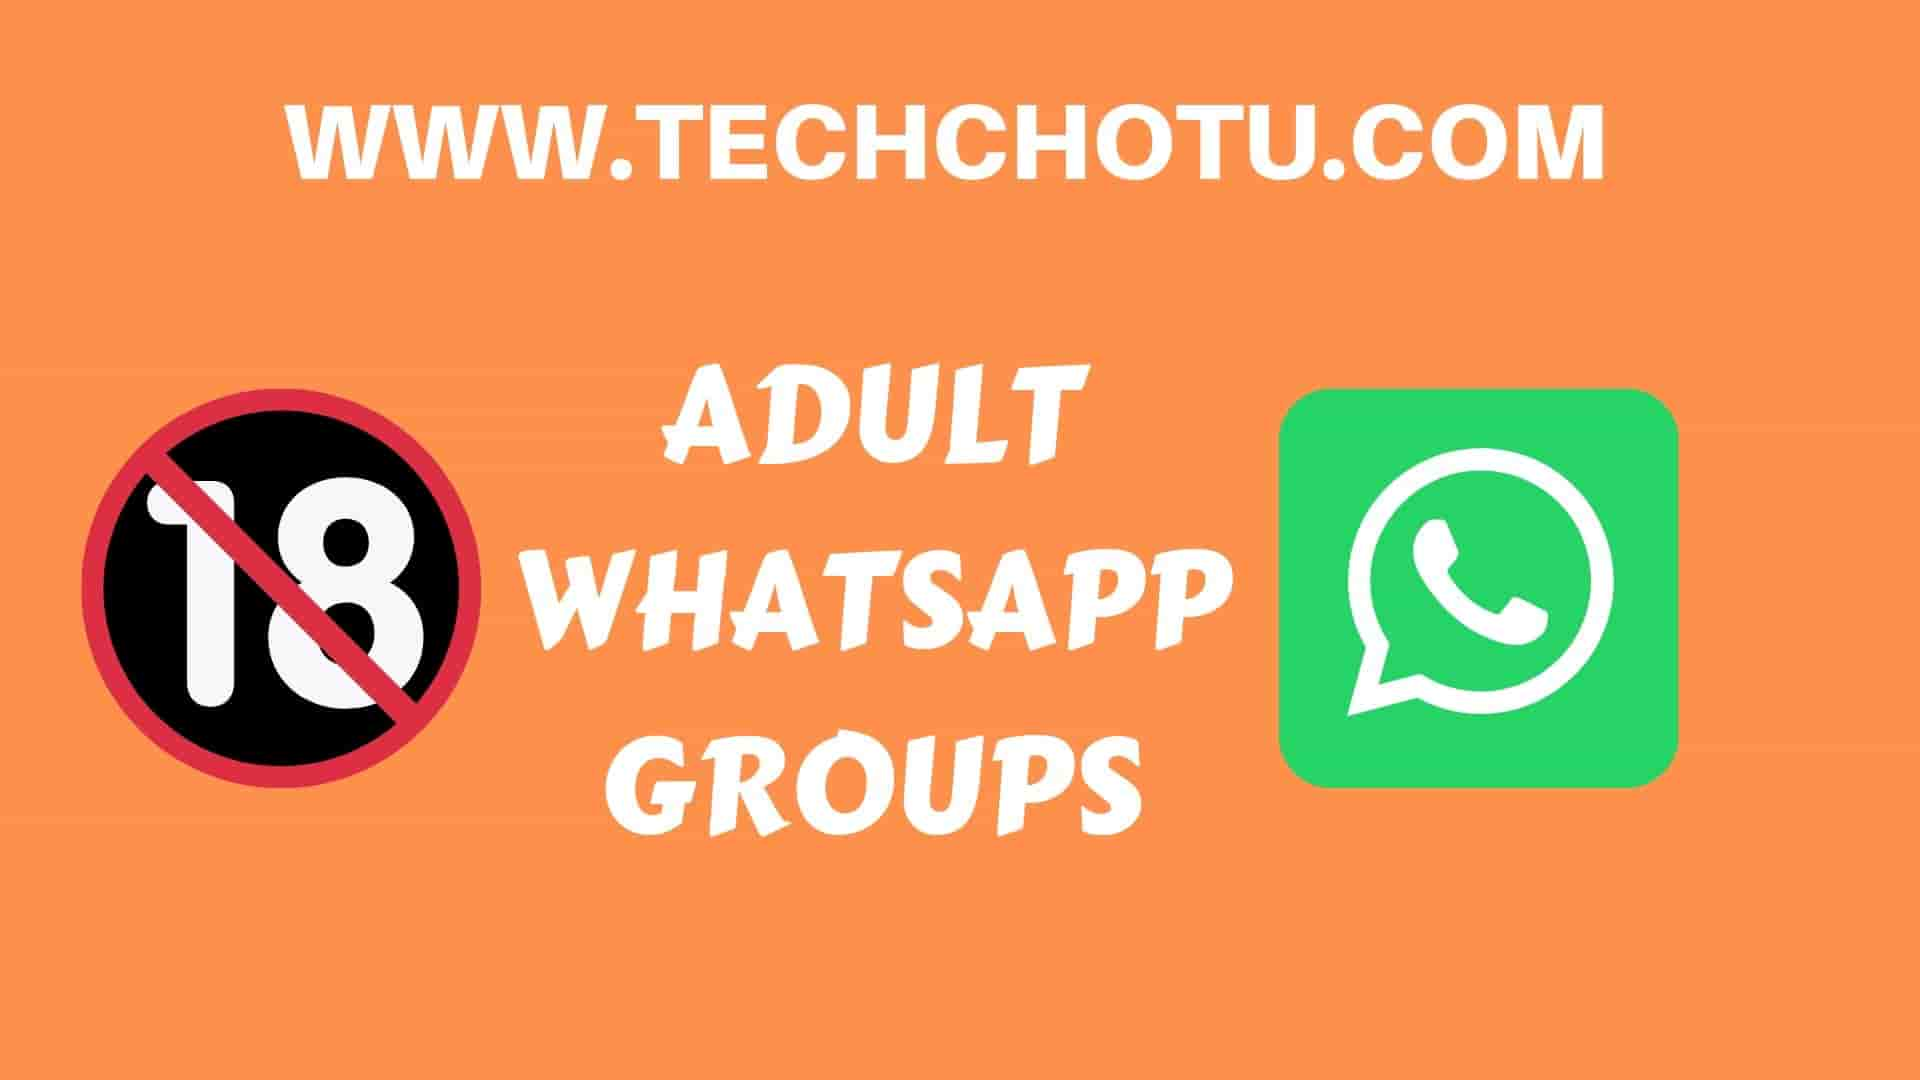 3819407934?profile=original